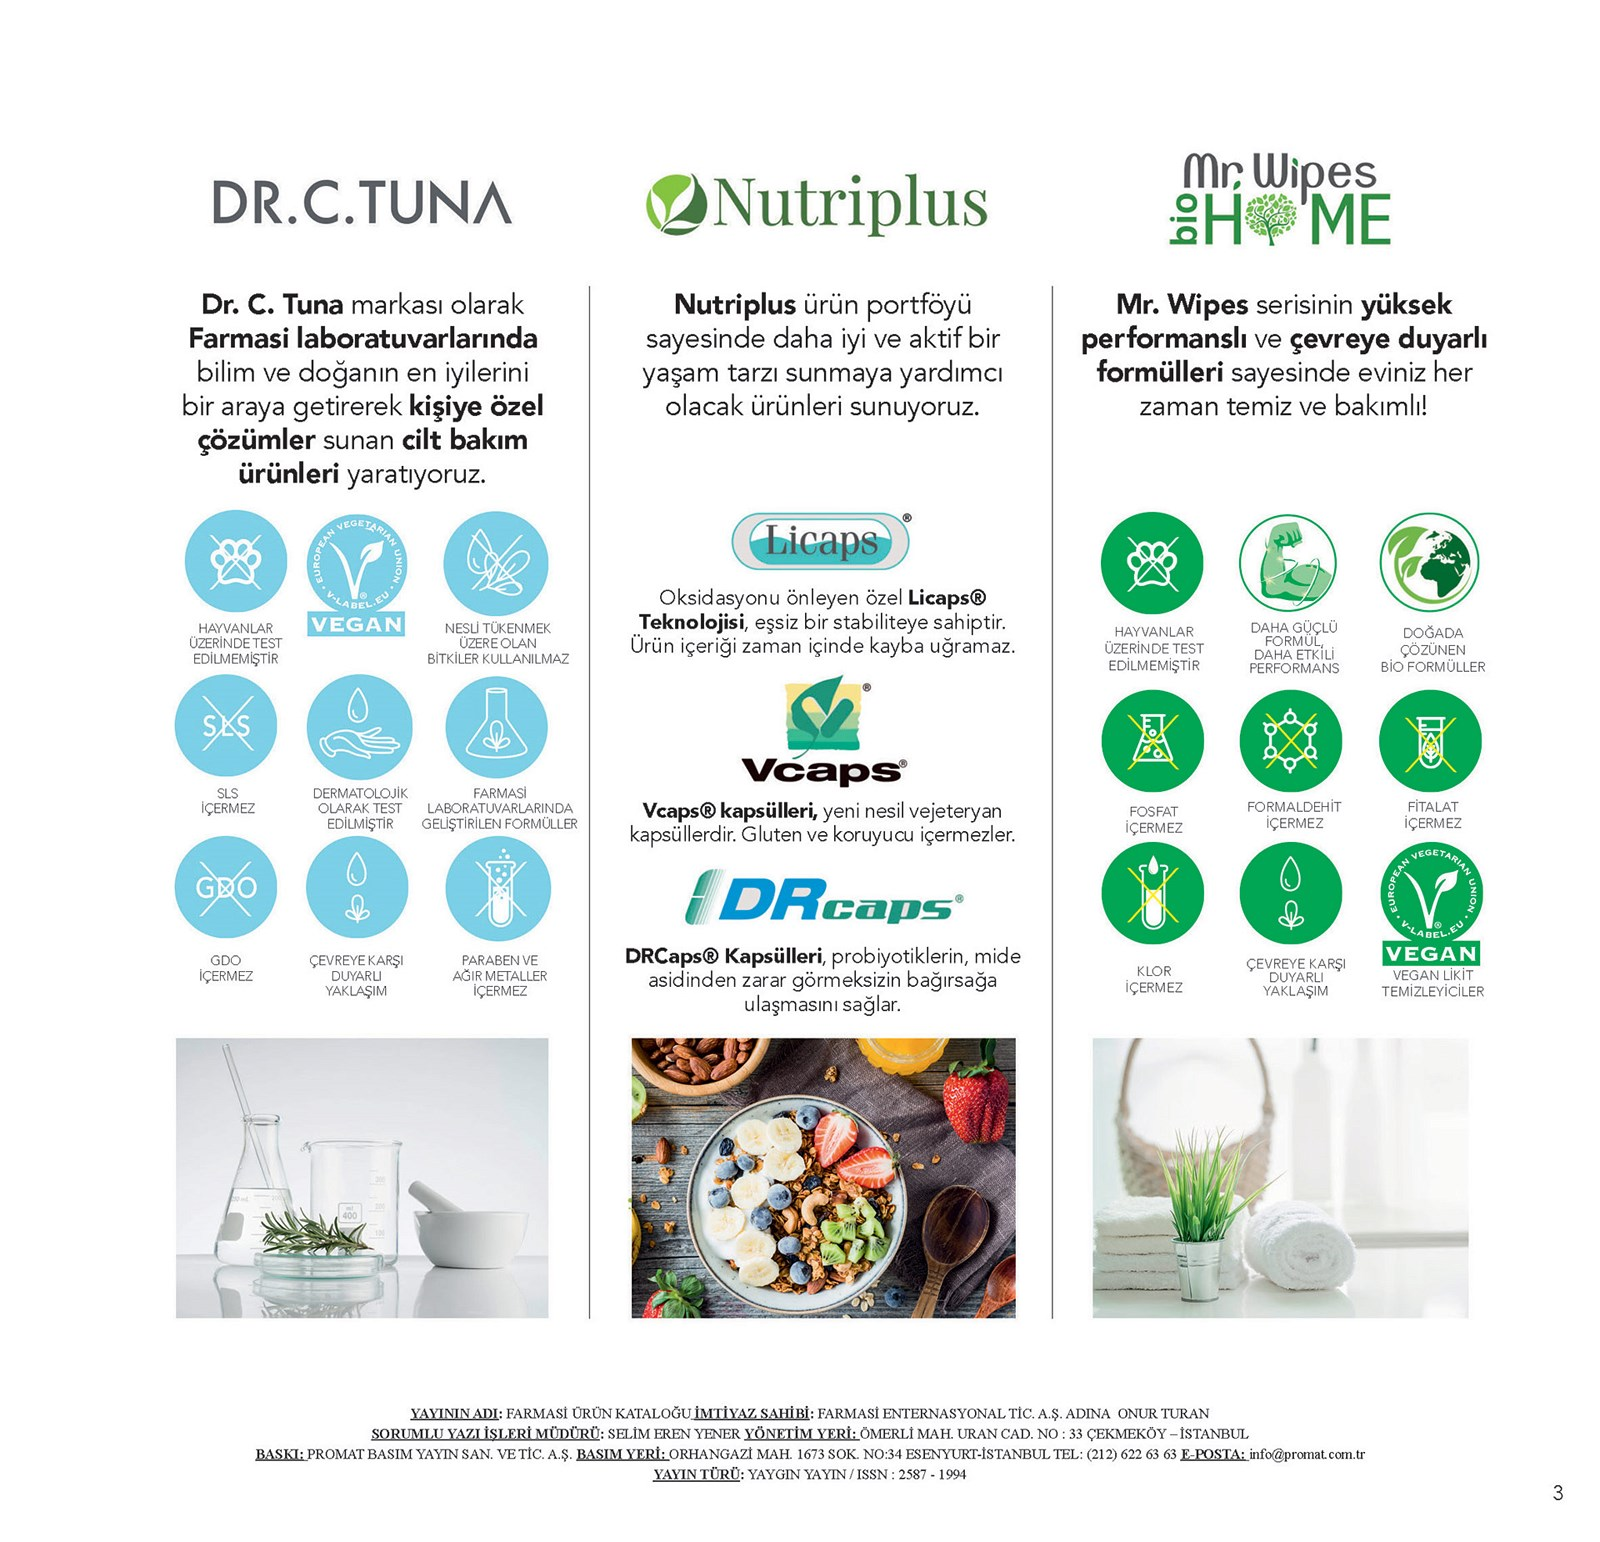 01.10.2021 Farmasi broşürü 2. sayfa